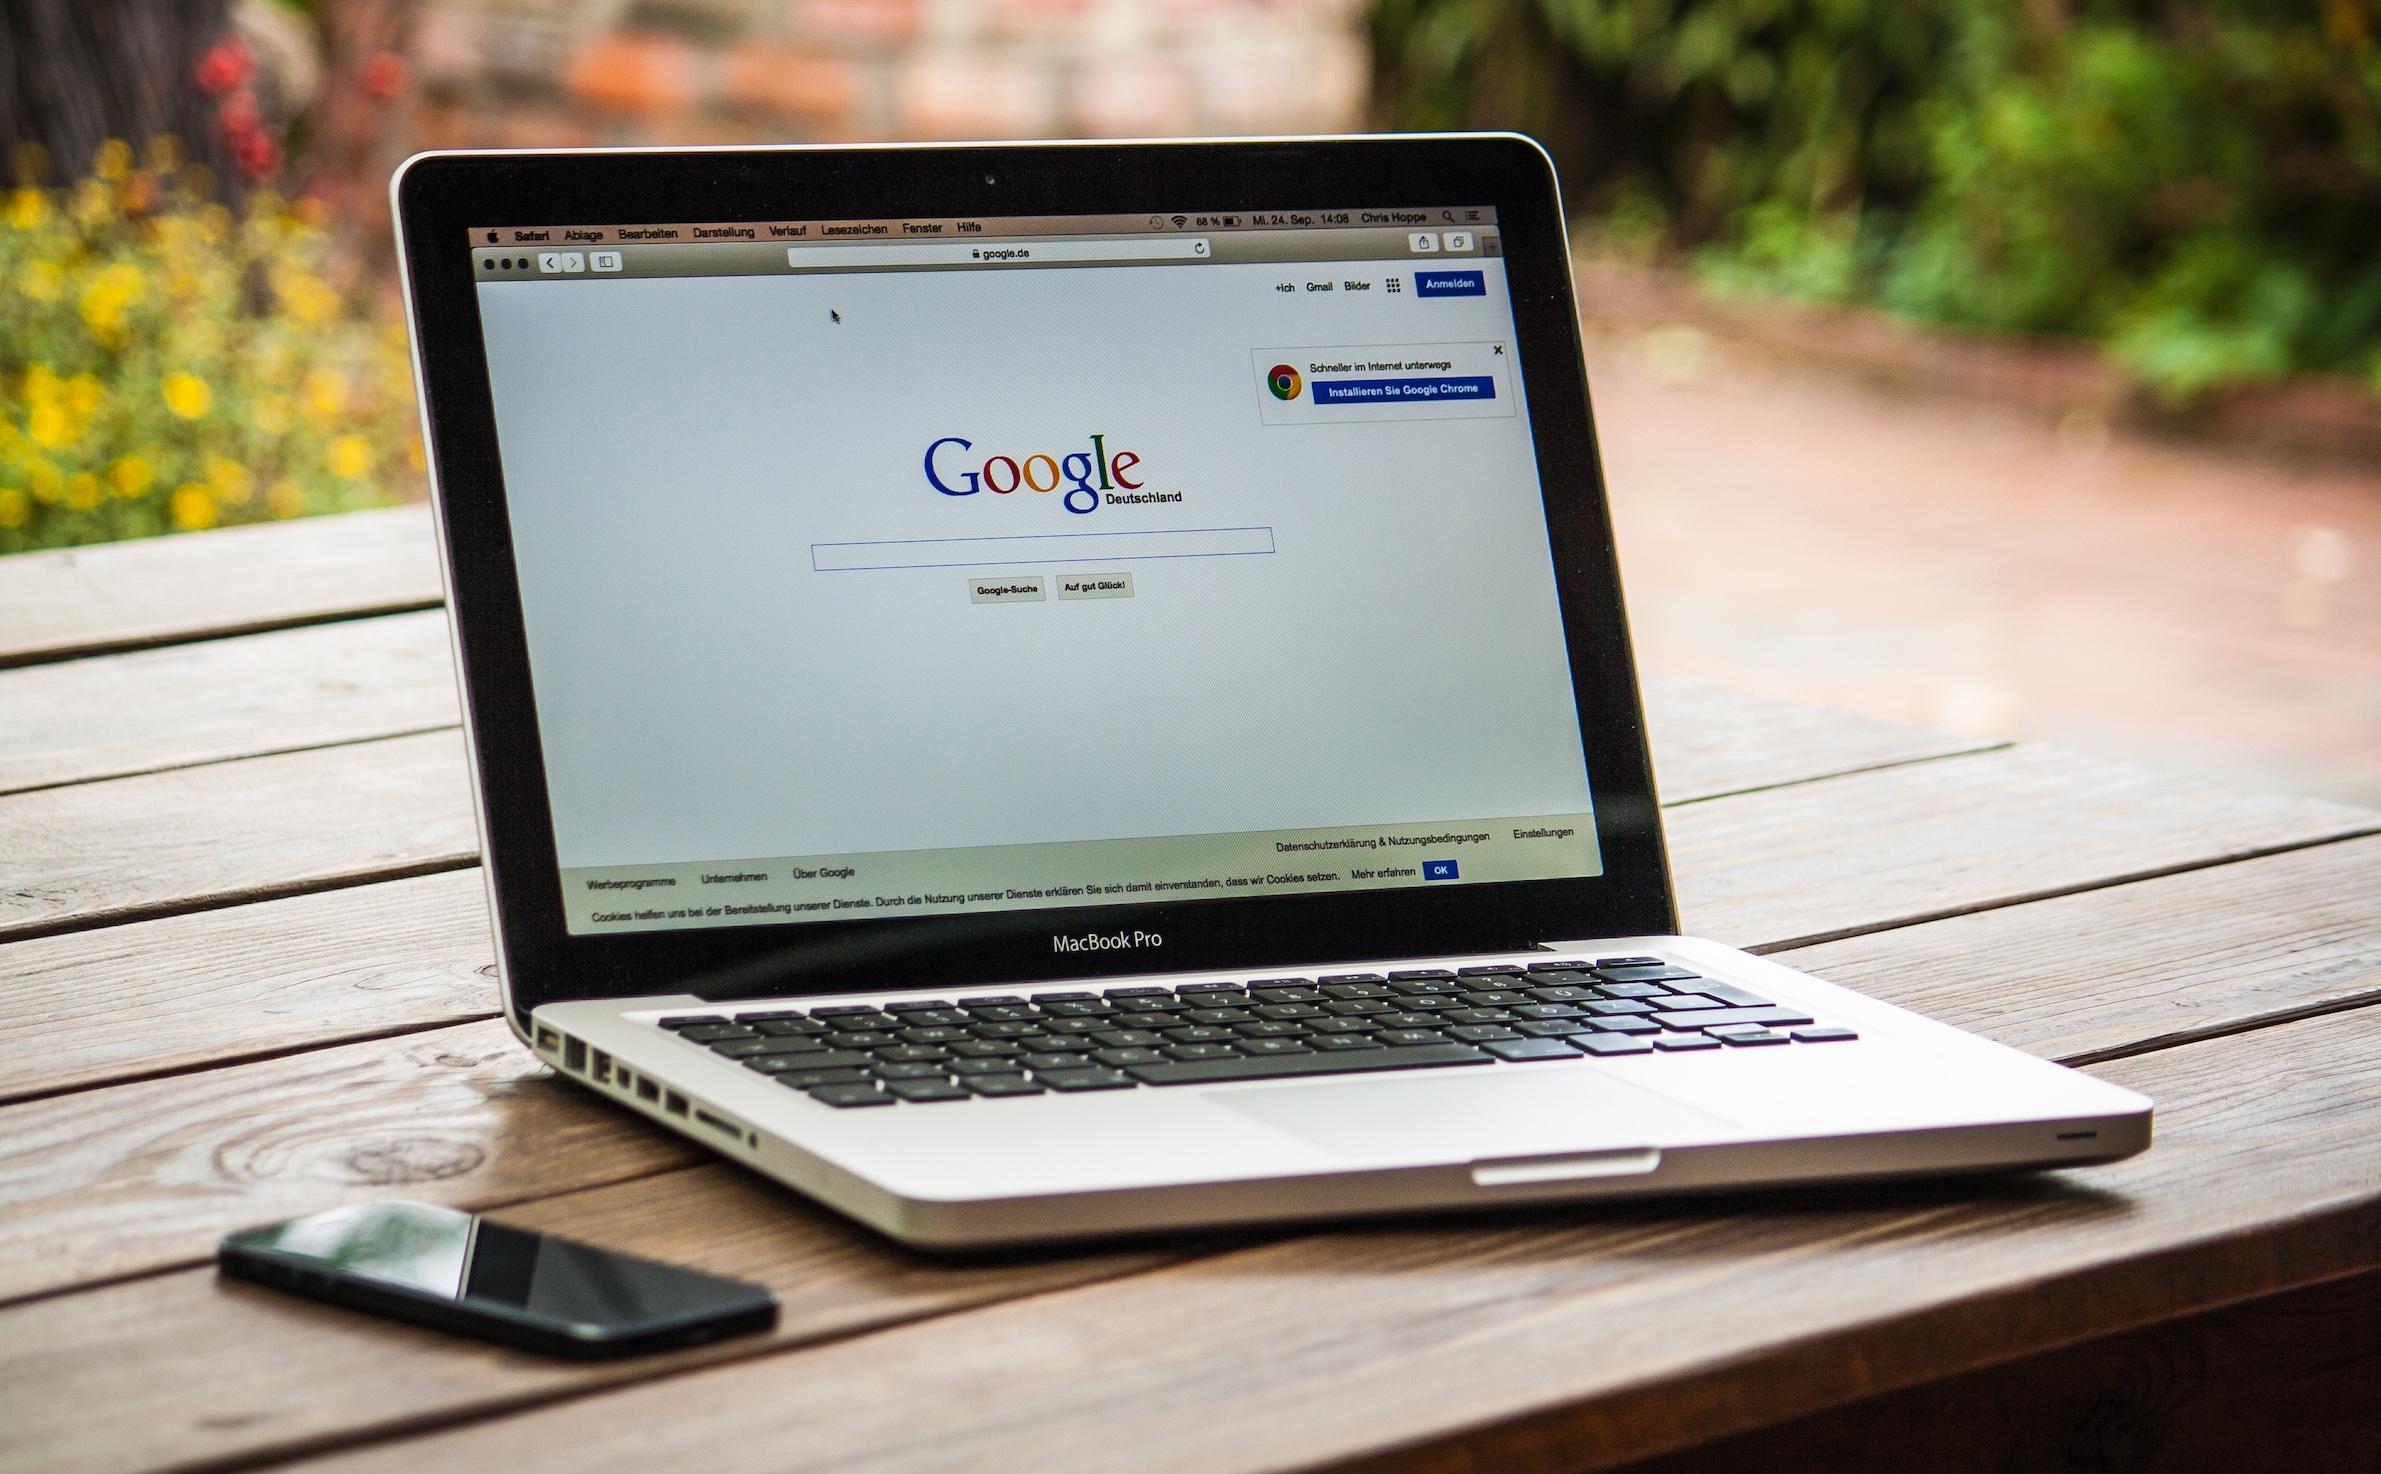 Google accede y bloquea el acceso de algunos usuarios a la nube